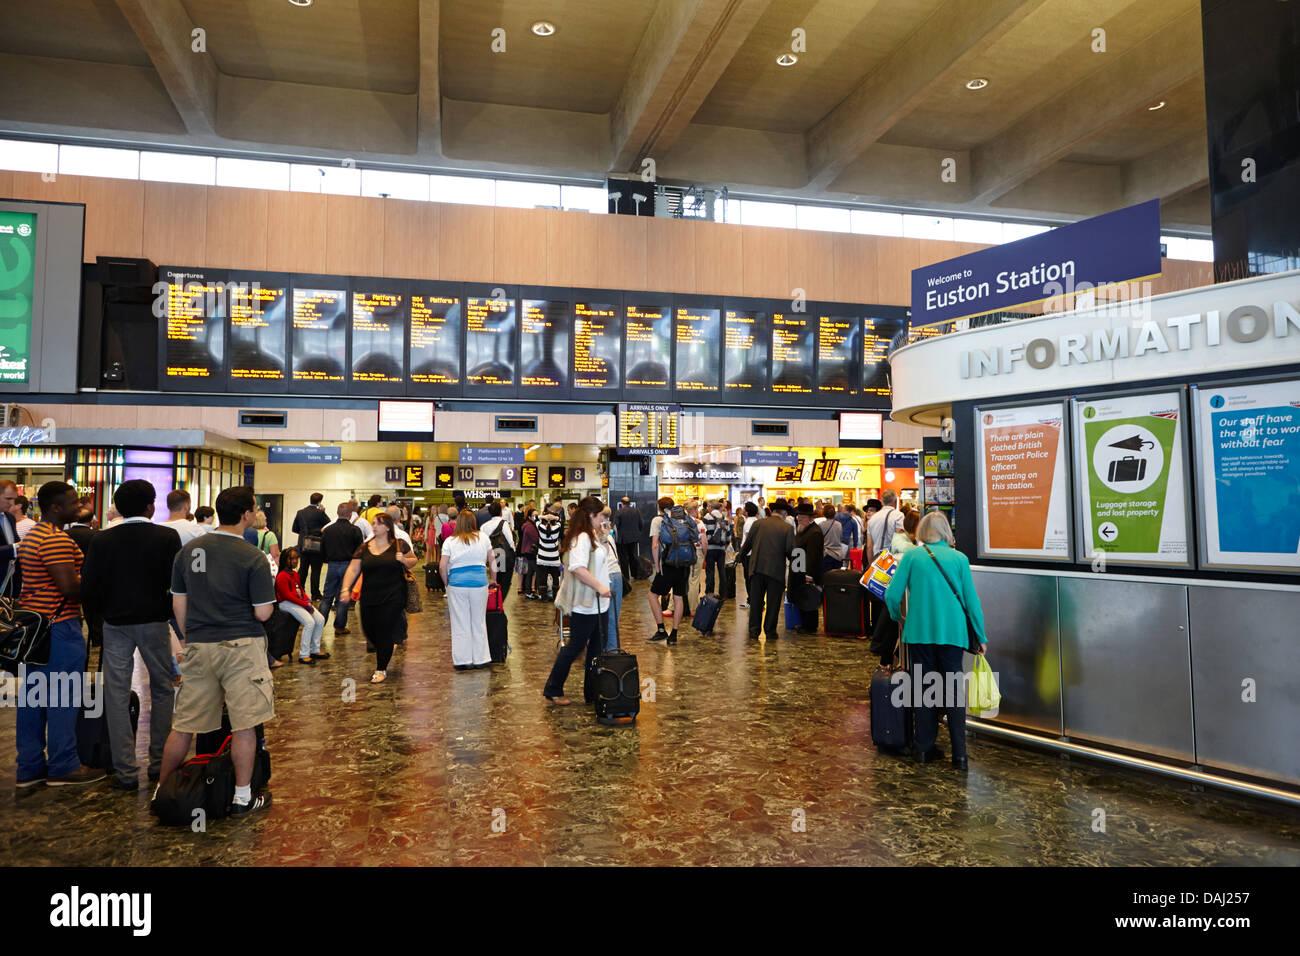 interior of euston overground national rail train station london, england uk - Stock Image